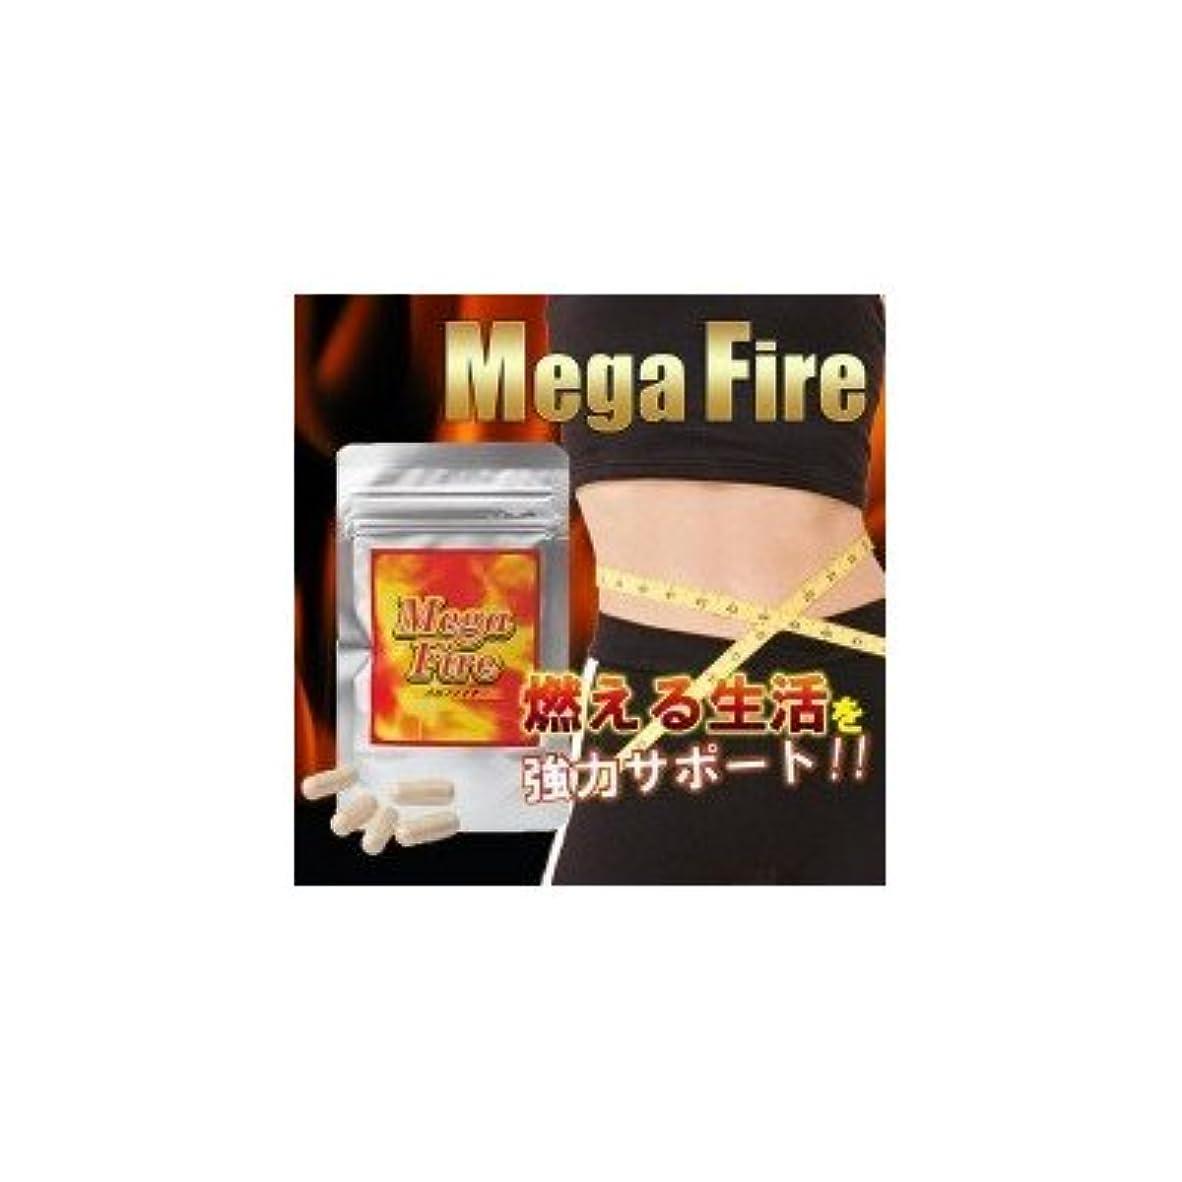 キネマティクスお手伝いさんトリッキーMega-Fire(メガファイア) 13.9g(377mg(1粒内容量300mg)×37カプセル)